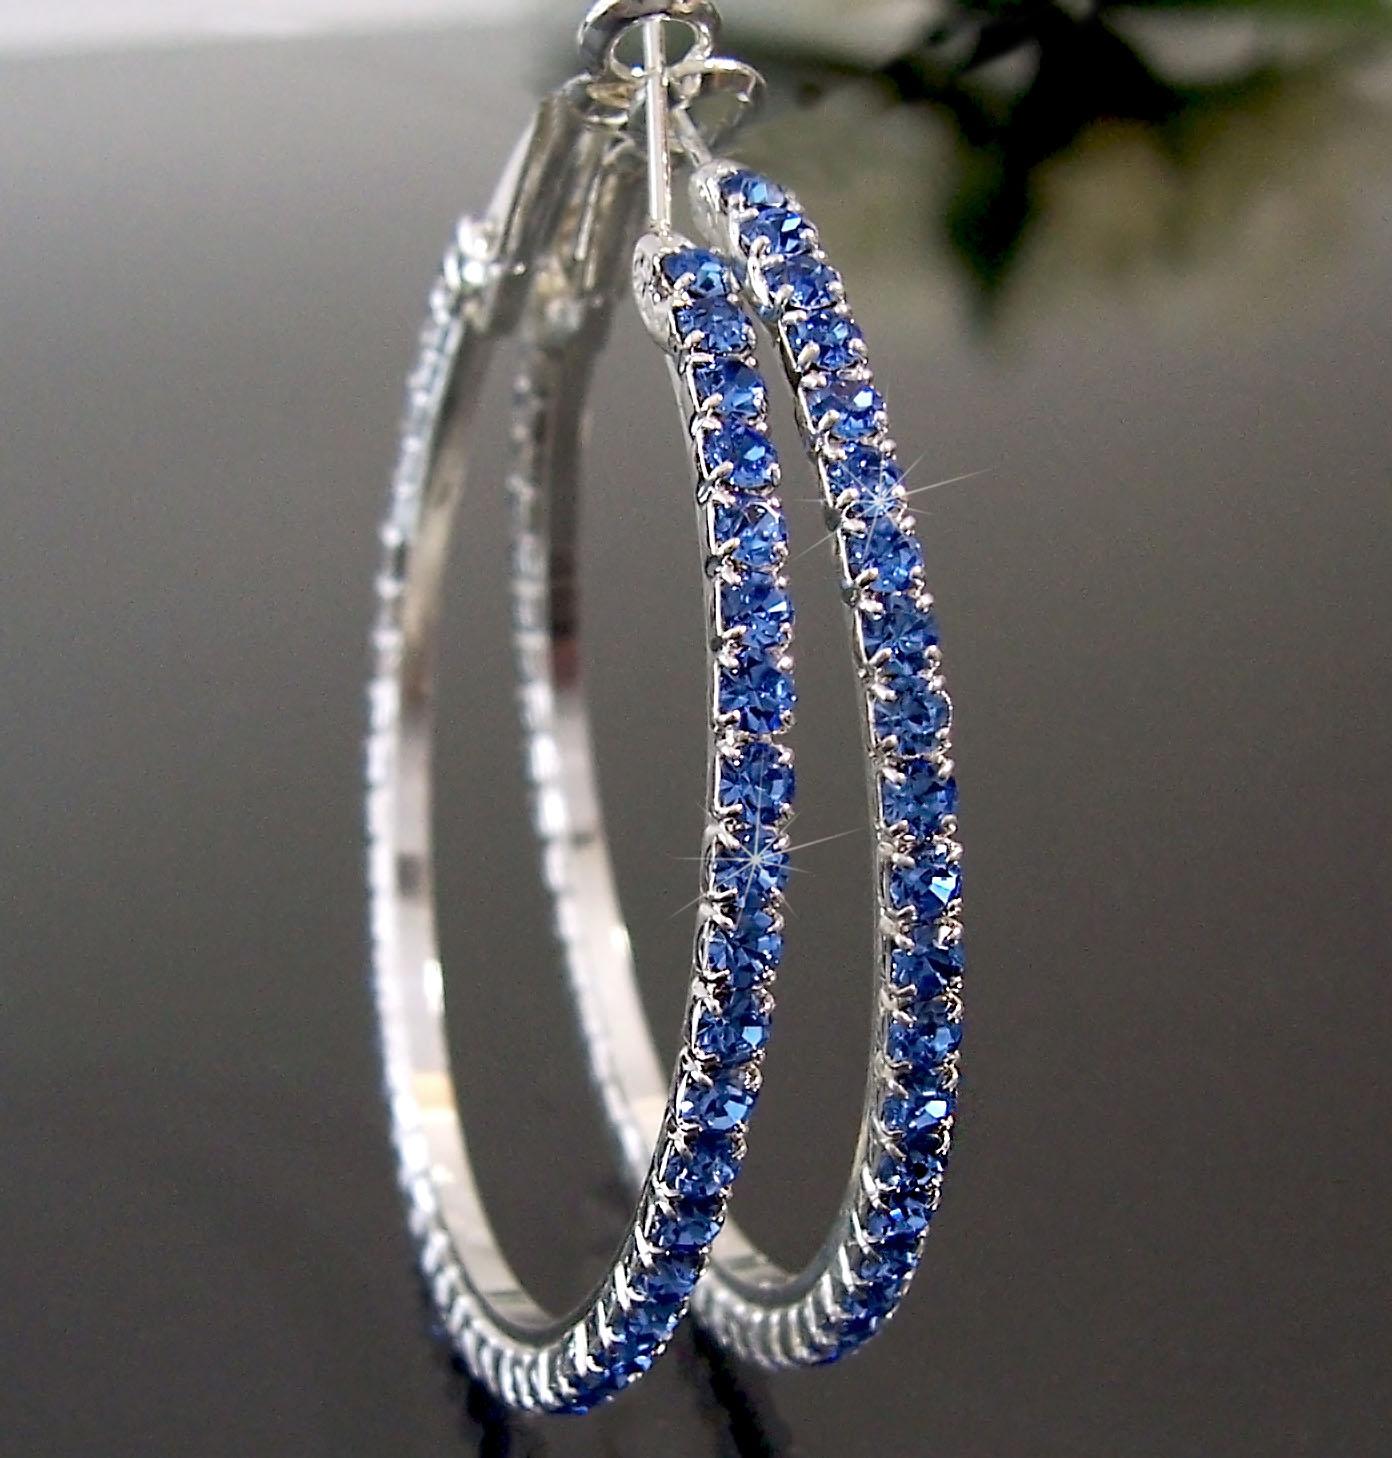 Ohrringe Ohrcreolen silber 5cm Strass blau Damen Creolen SCHMUCK O70